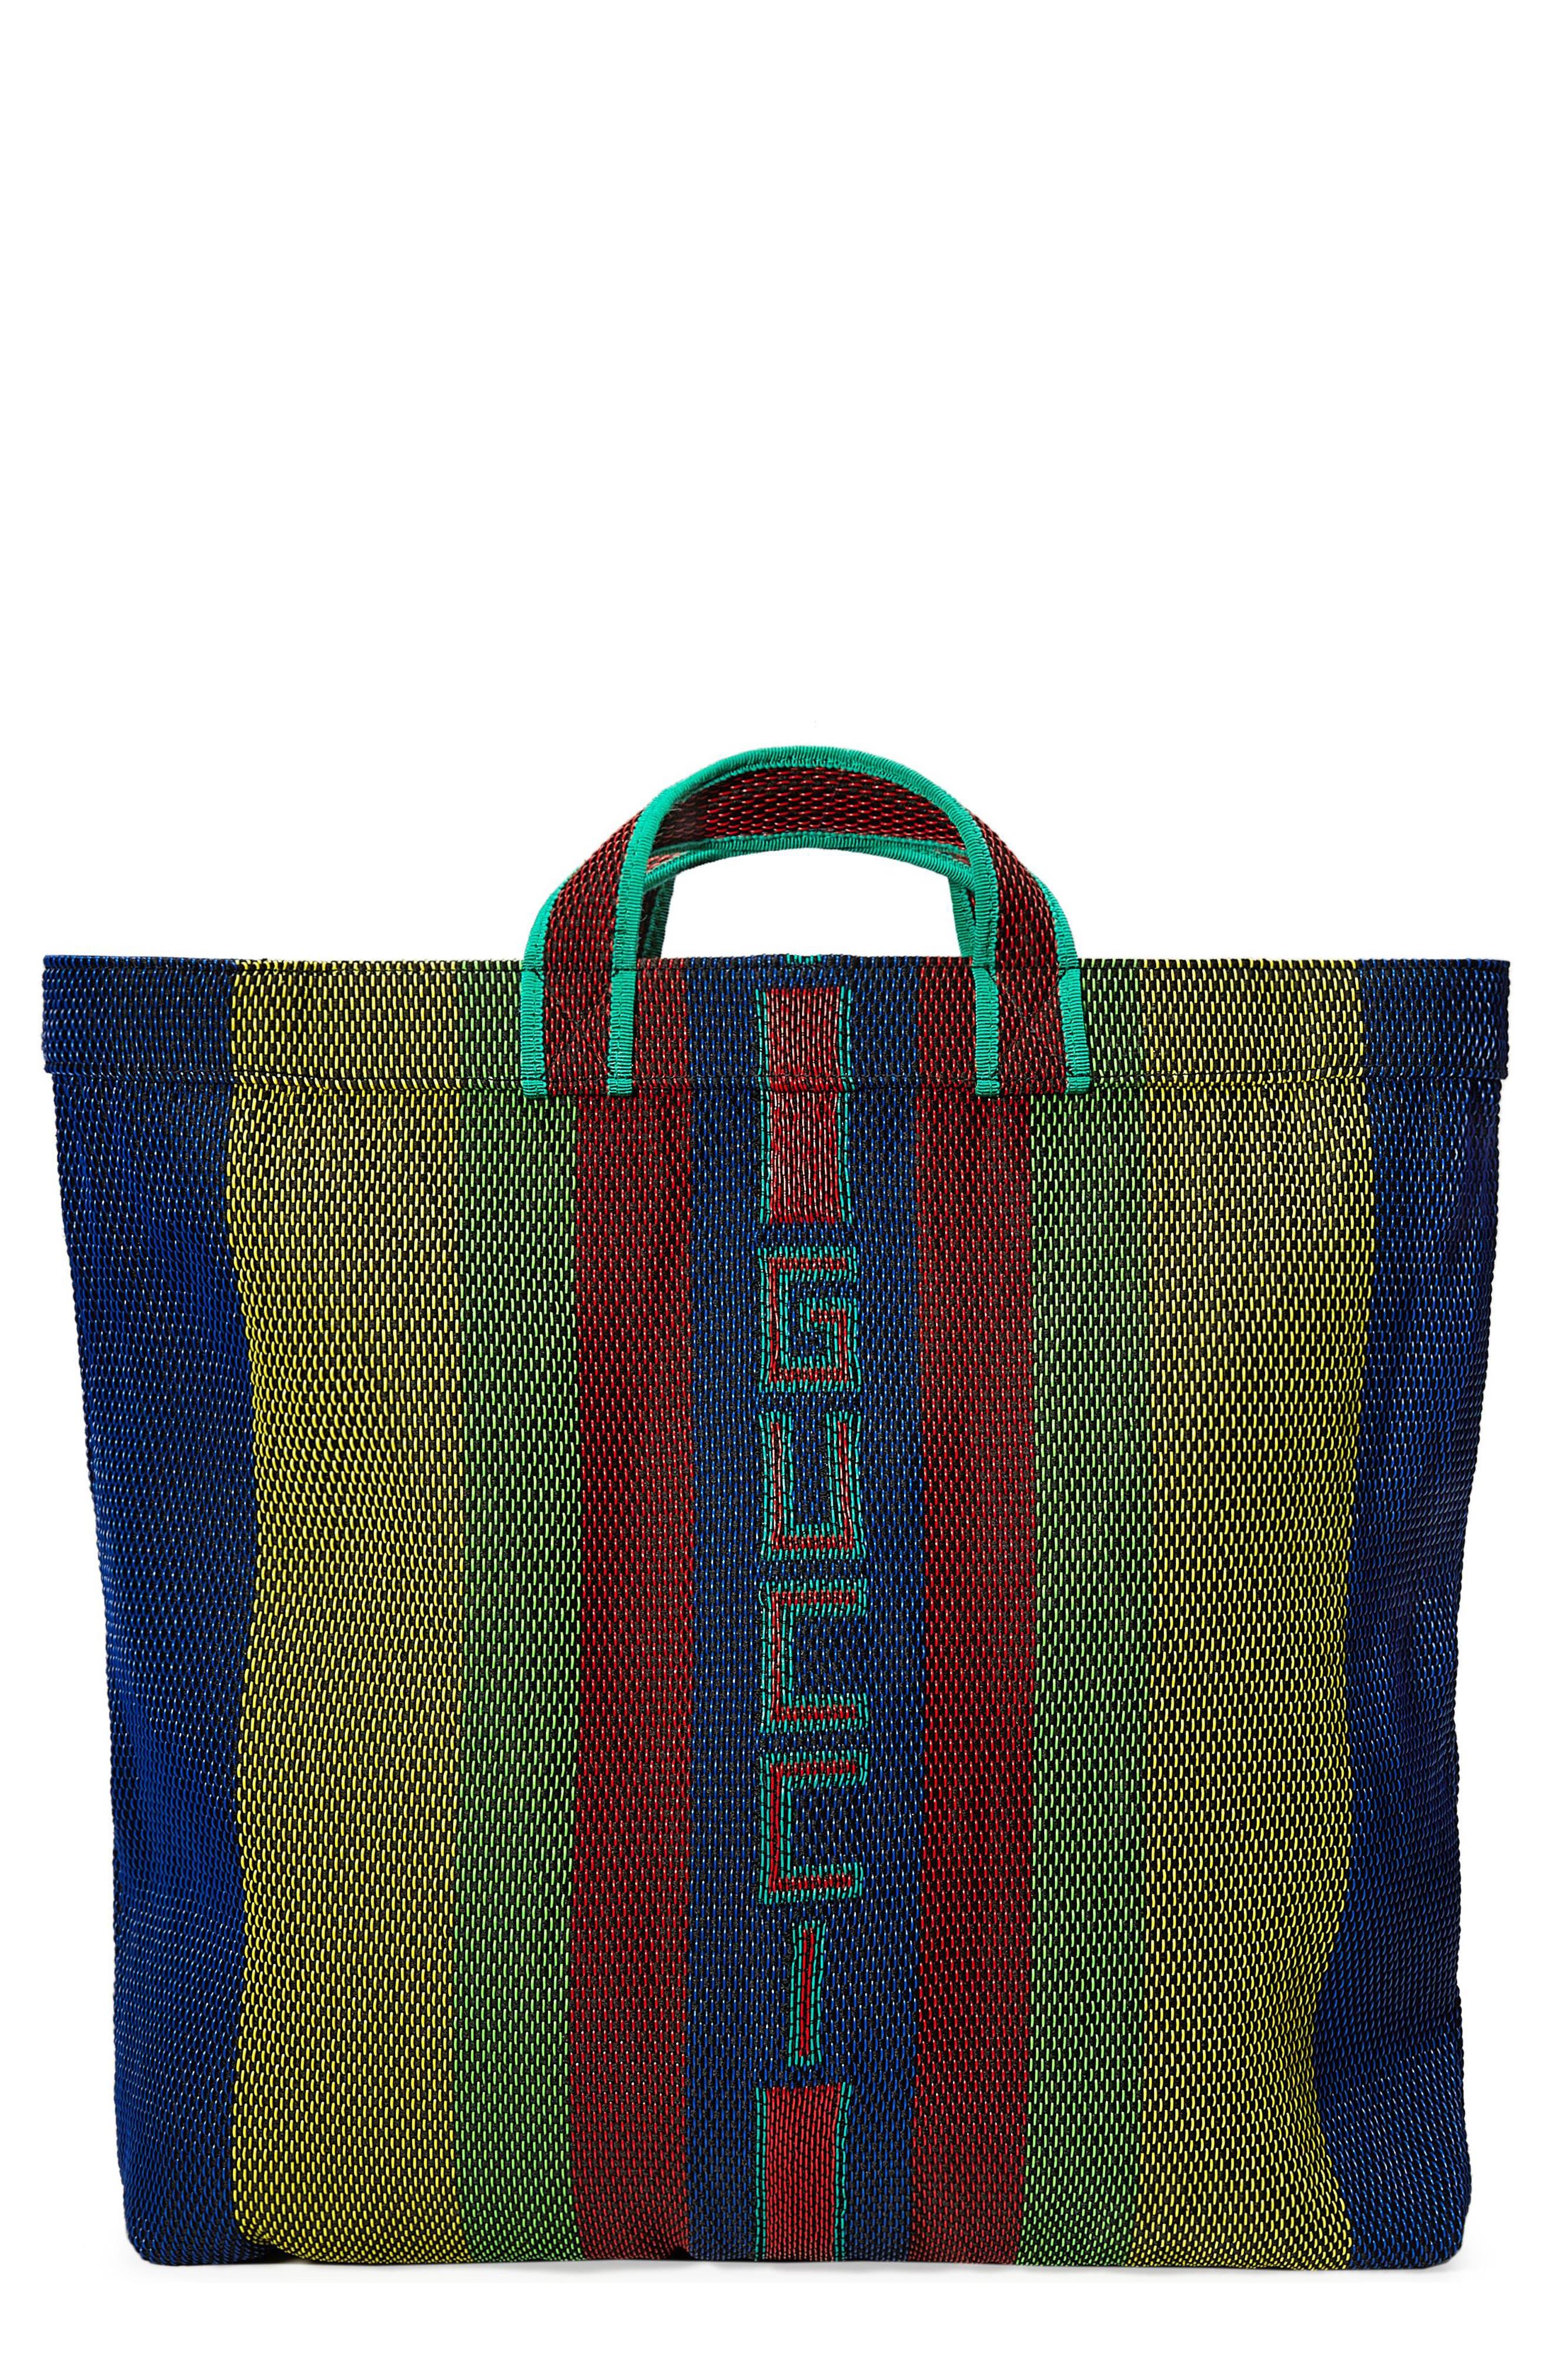 Main Image - Gucci Multicolor Tote